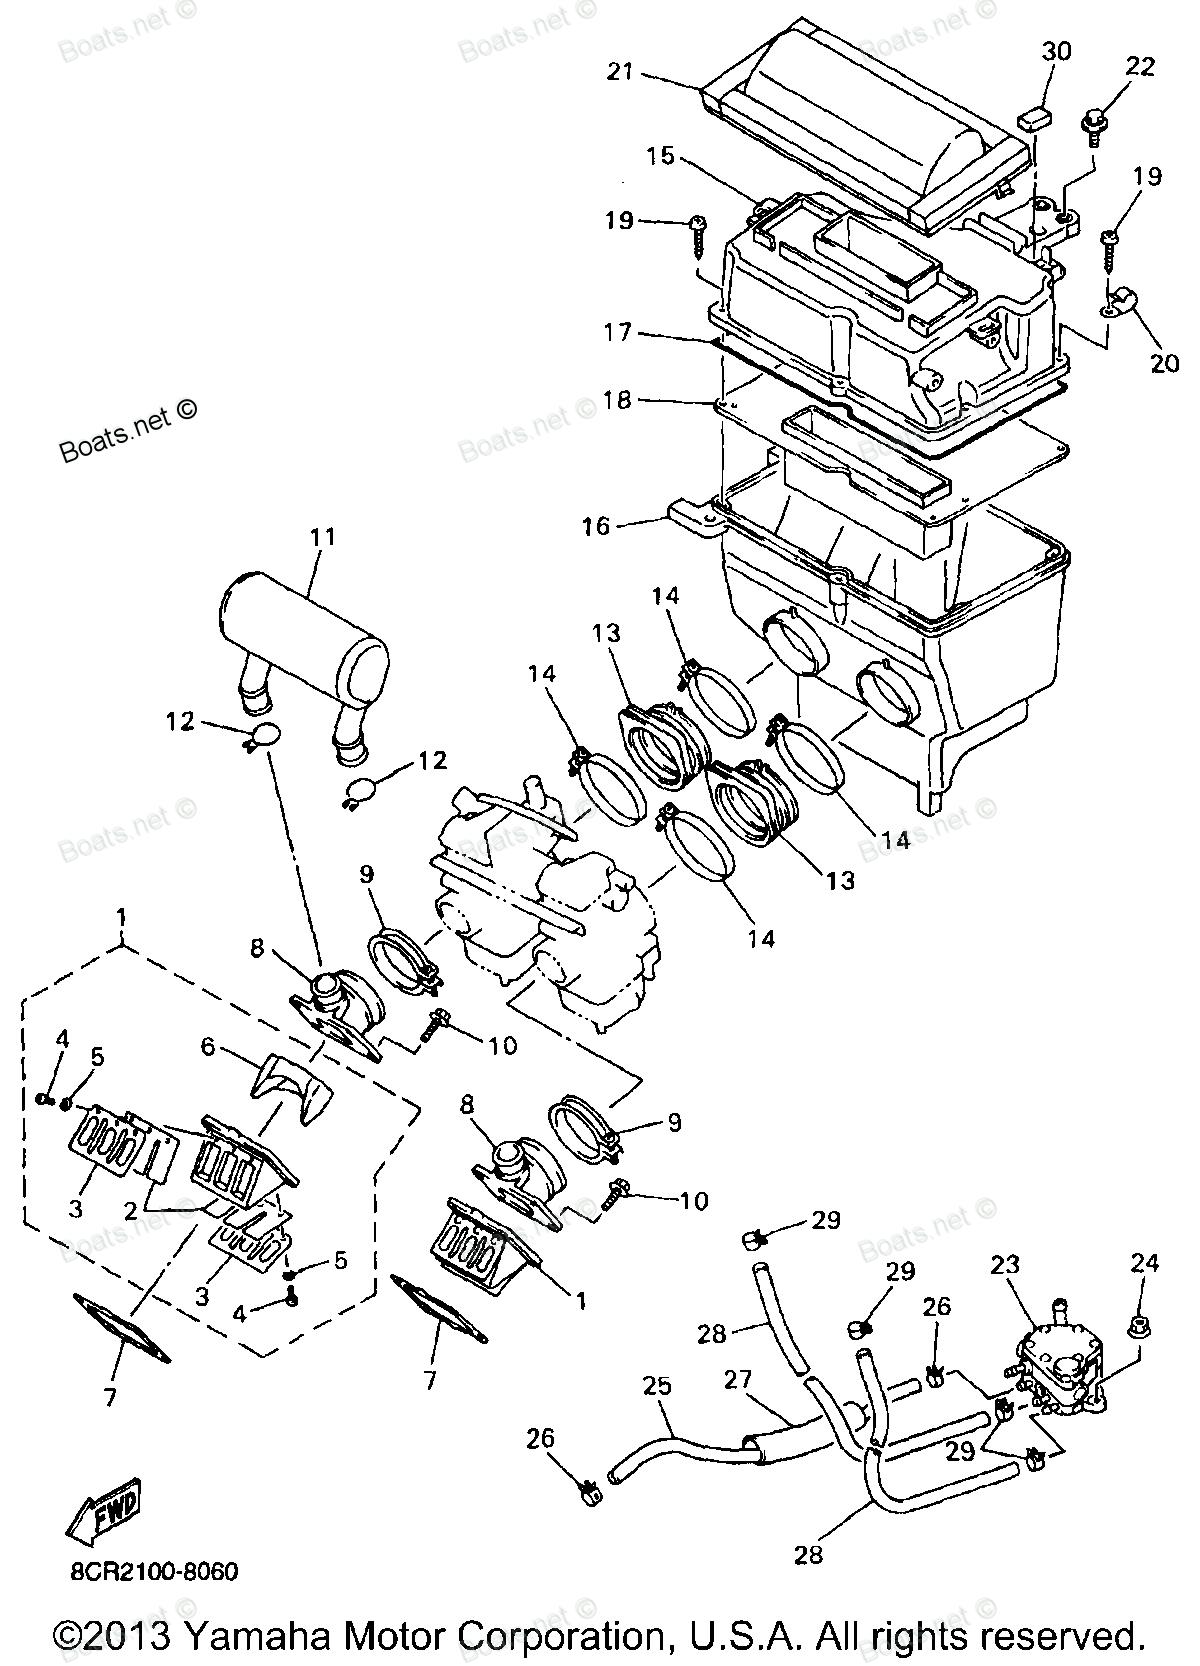 1998 vmax 600 xt vx600xtb yamaha snowmobile intake diagram and parts